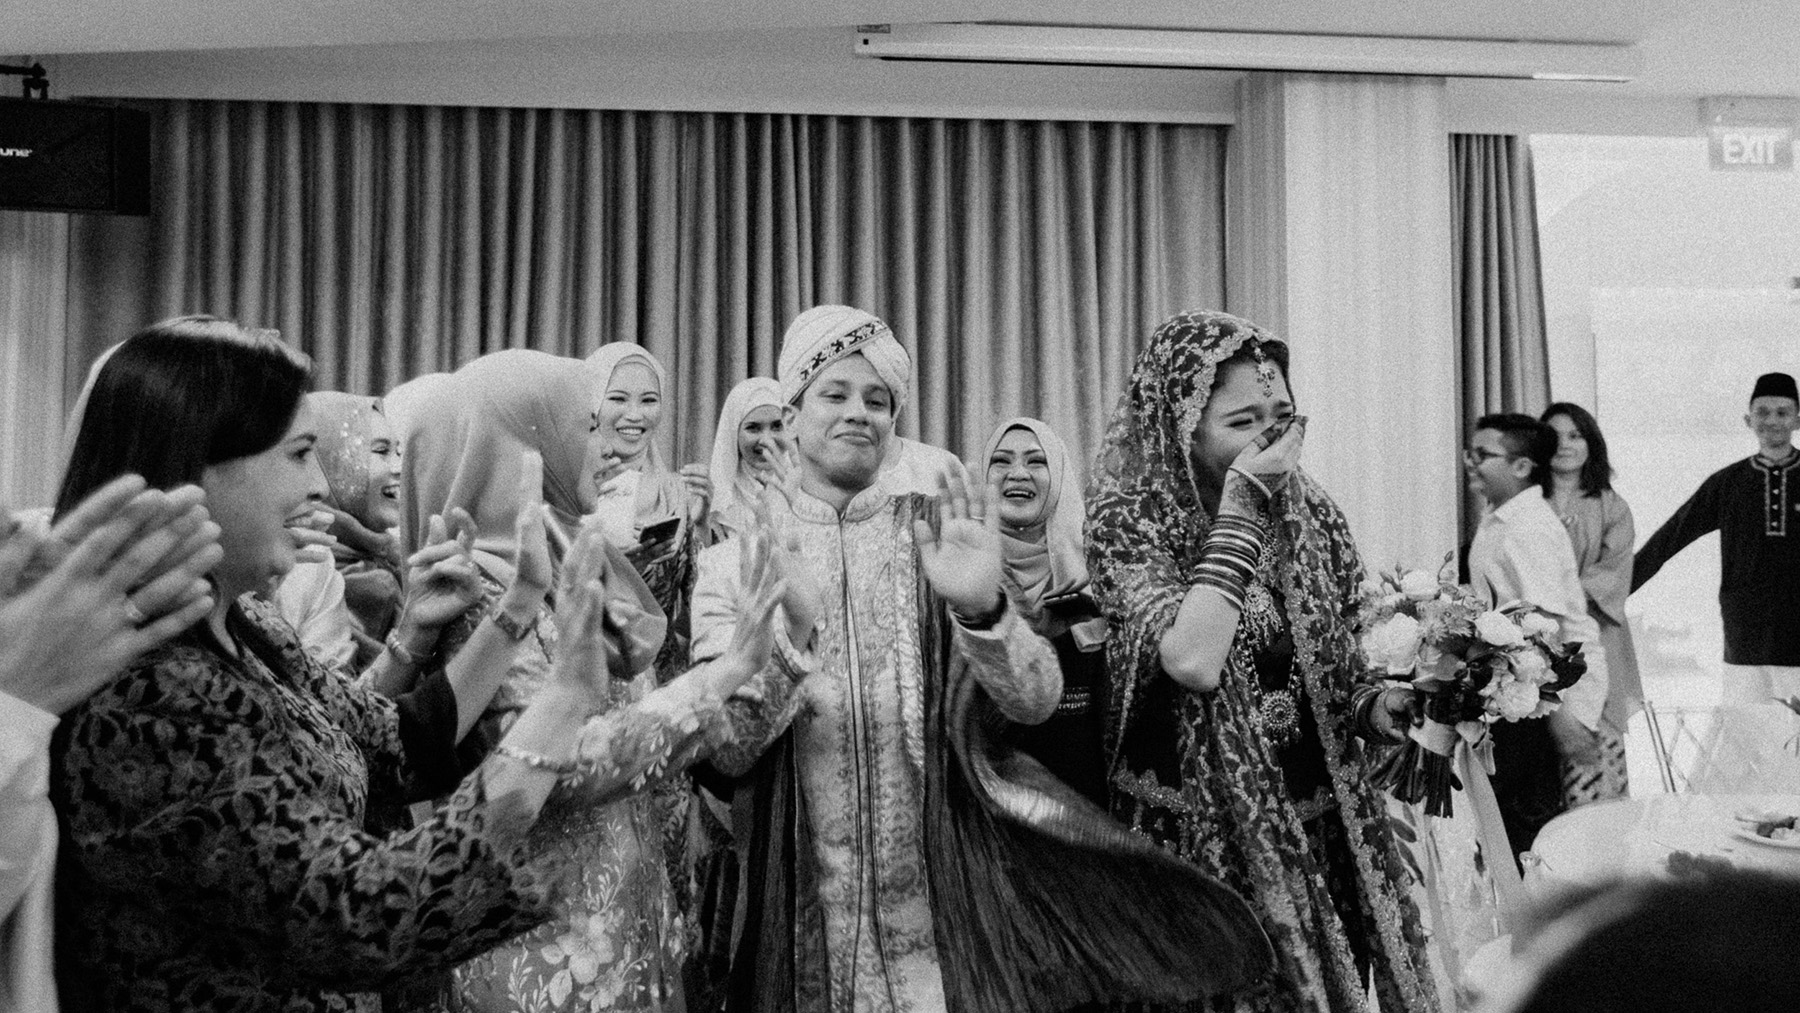 singapore-wedding-photographer-wemadethese-bw-007.jpg